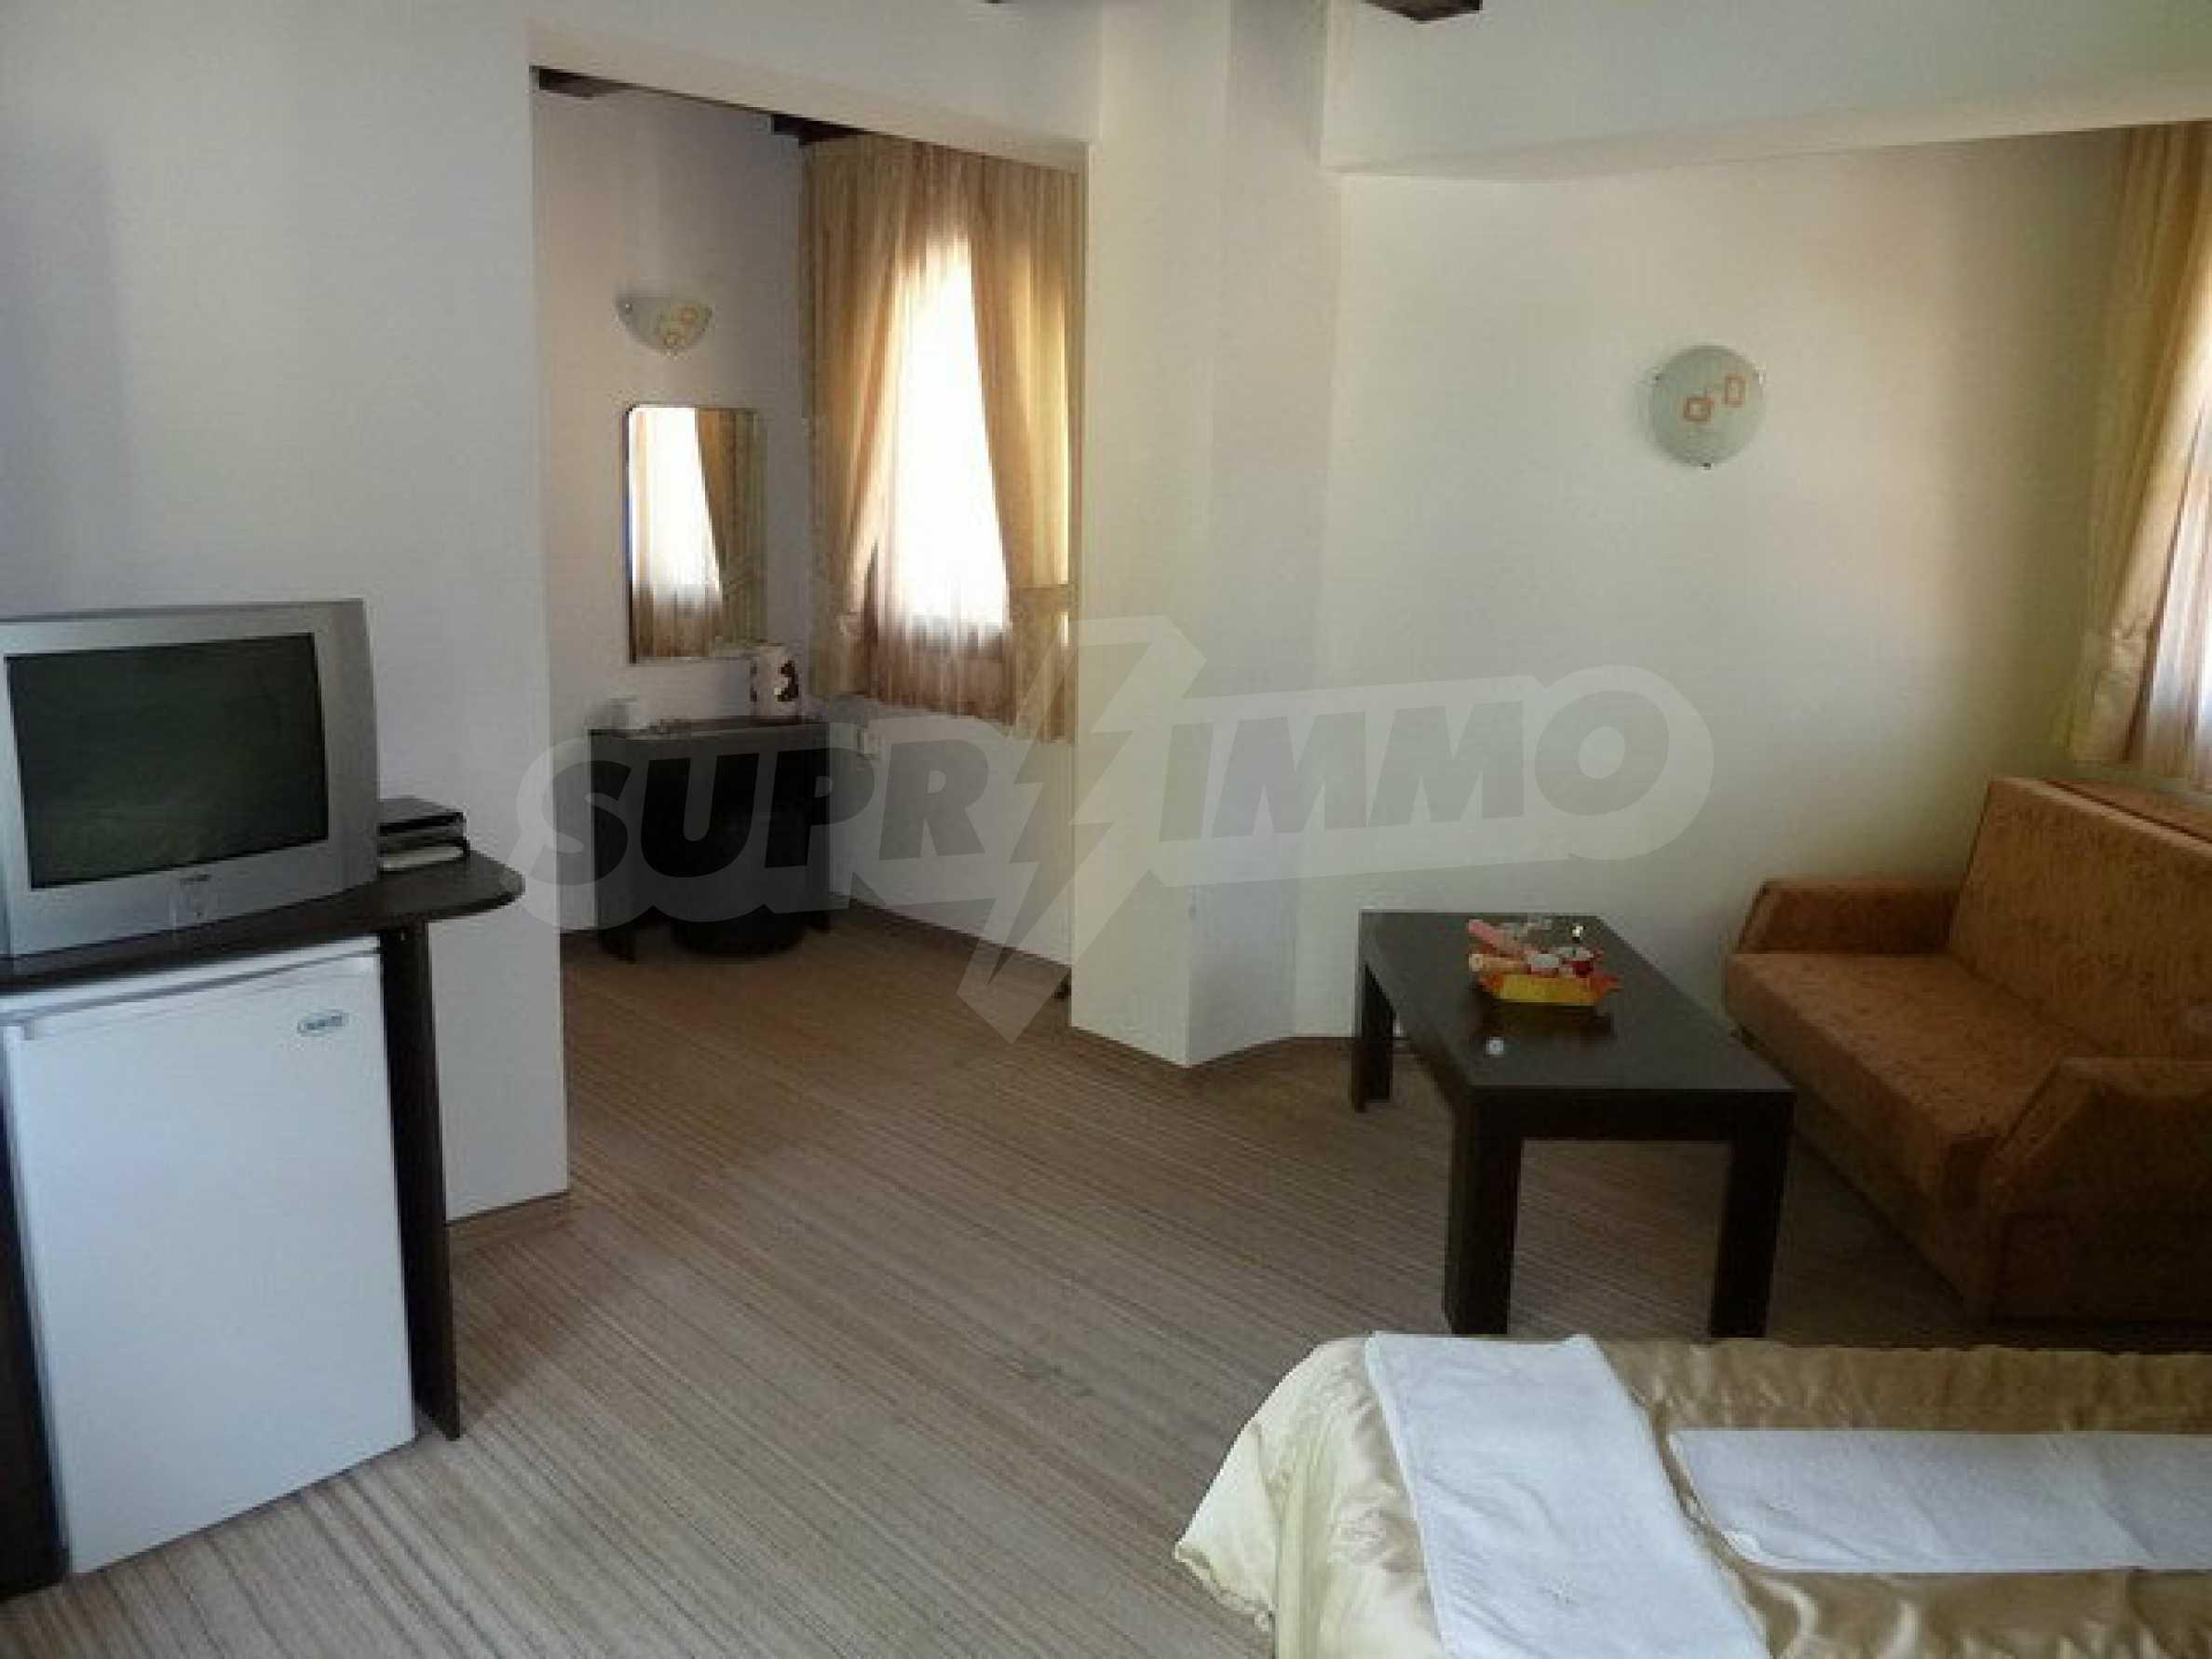 Zwei Gästehäuser in einer attraktiven Gegend mit heißen Mineralquellen in der Nähe der Stadt Troyan 15